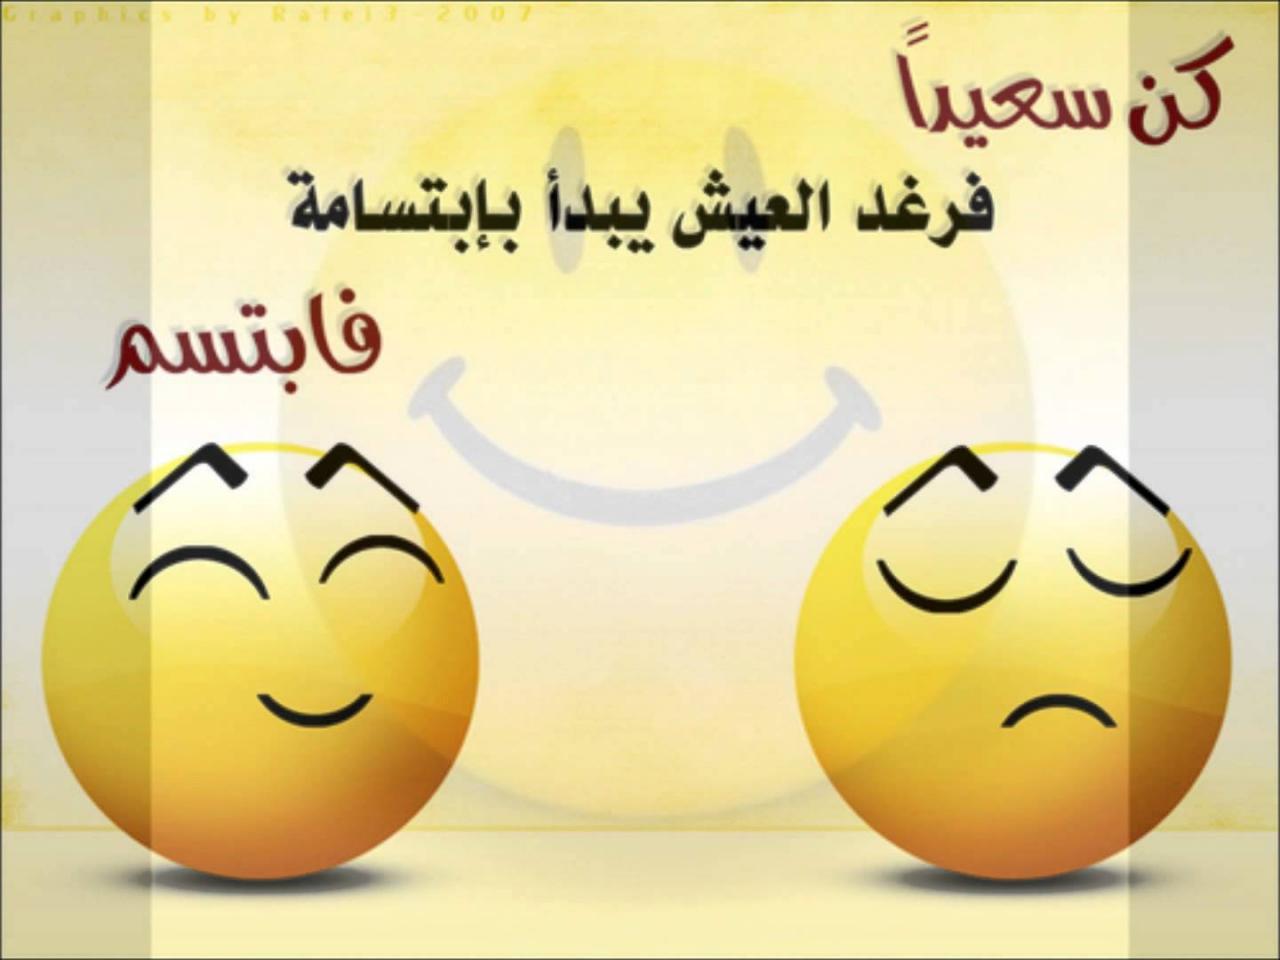 بالصور كلمة صباح عن الابتسامة , صور جميلة لعبارة صباح الابتسامة 6457 1